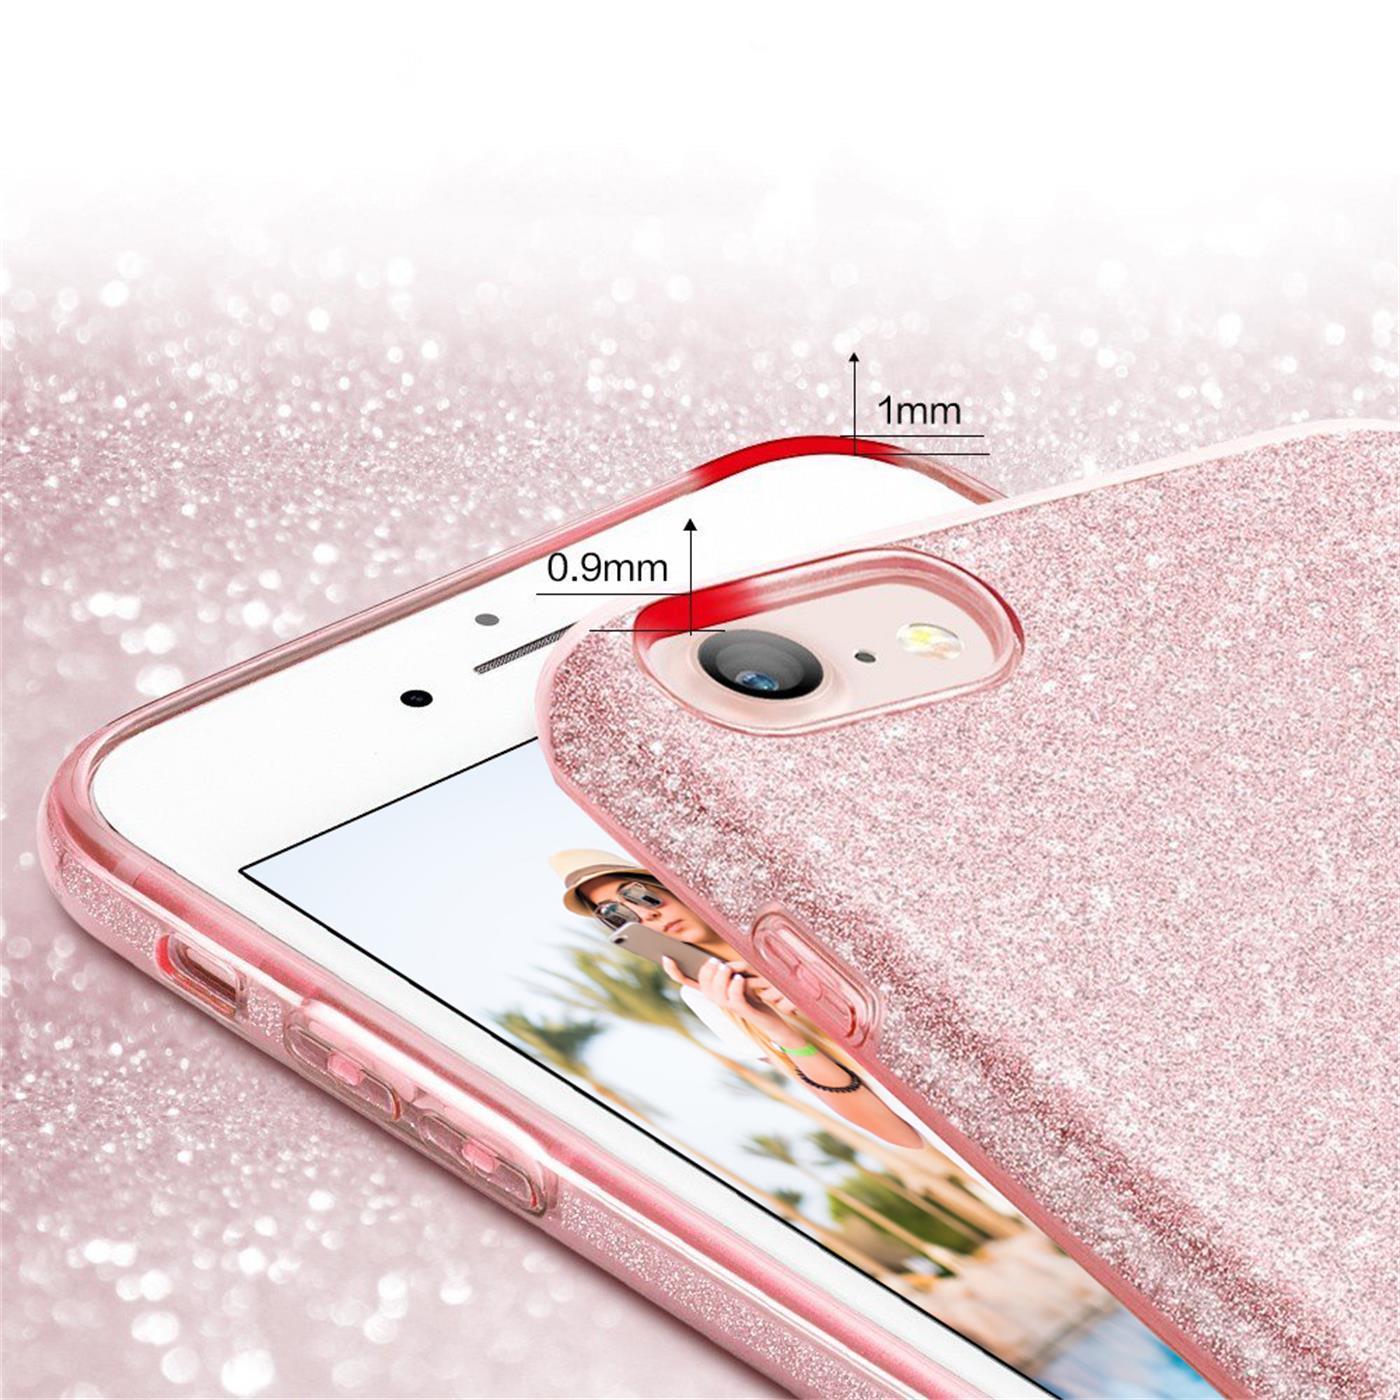 Handy-Glitzer-Huelle-fuer-Apple-iPhone-Slim-TPU-Cover-Case-Silikon-Schutz-Tasche Indexbild 12